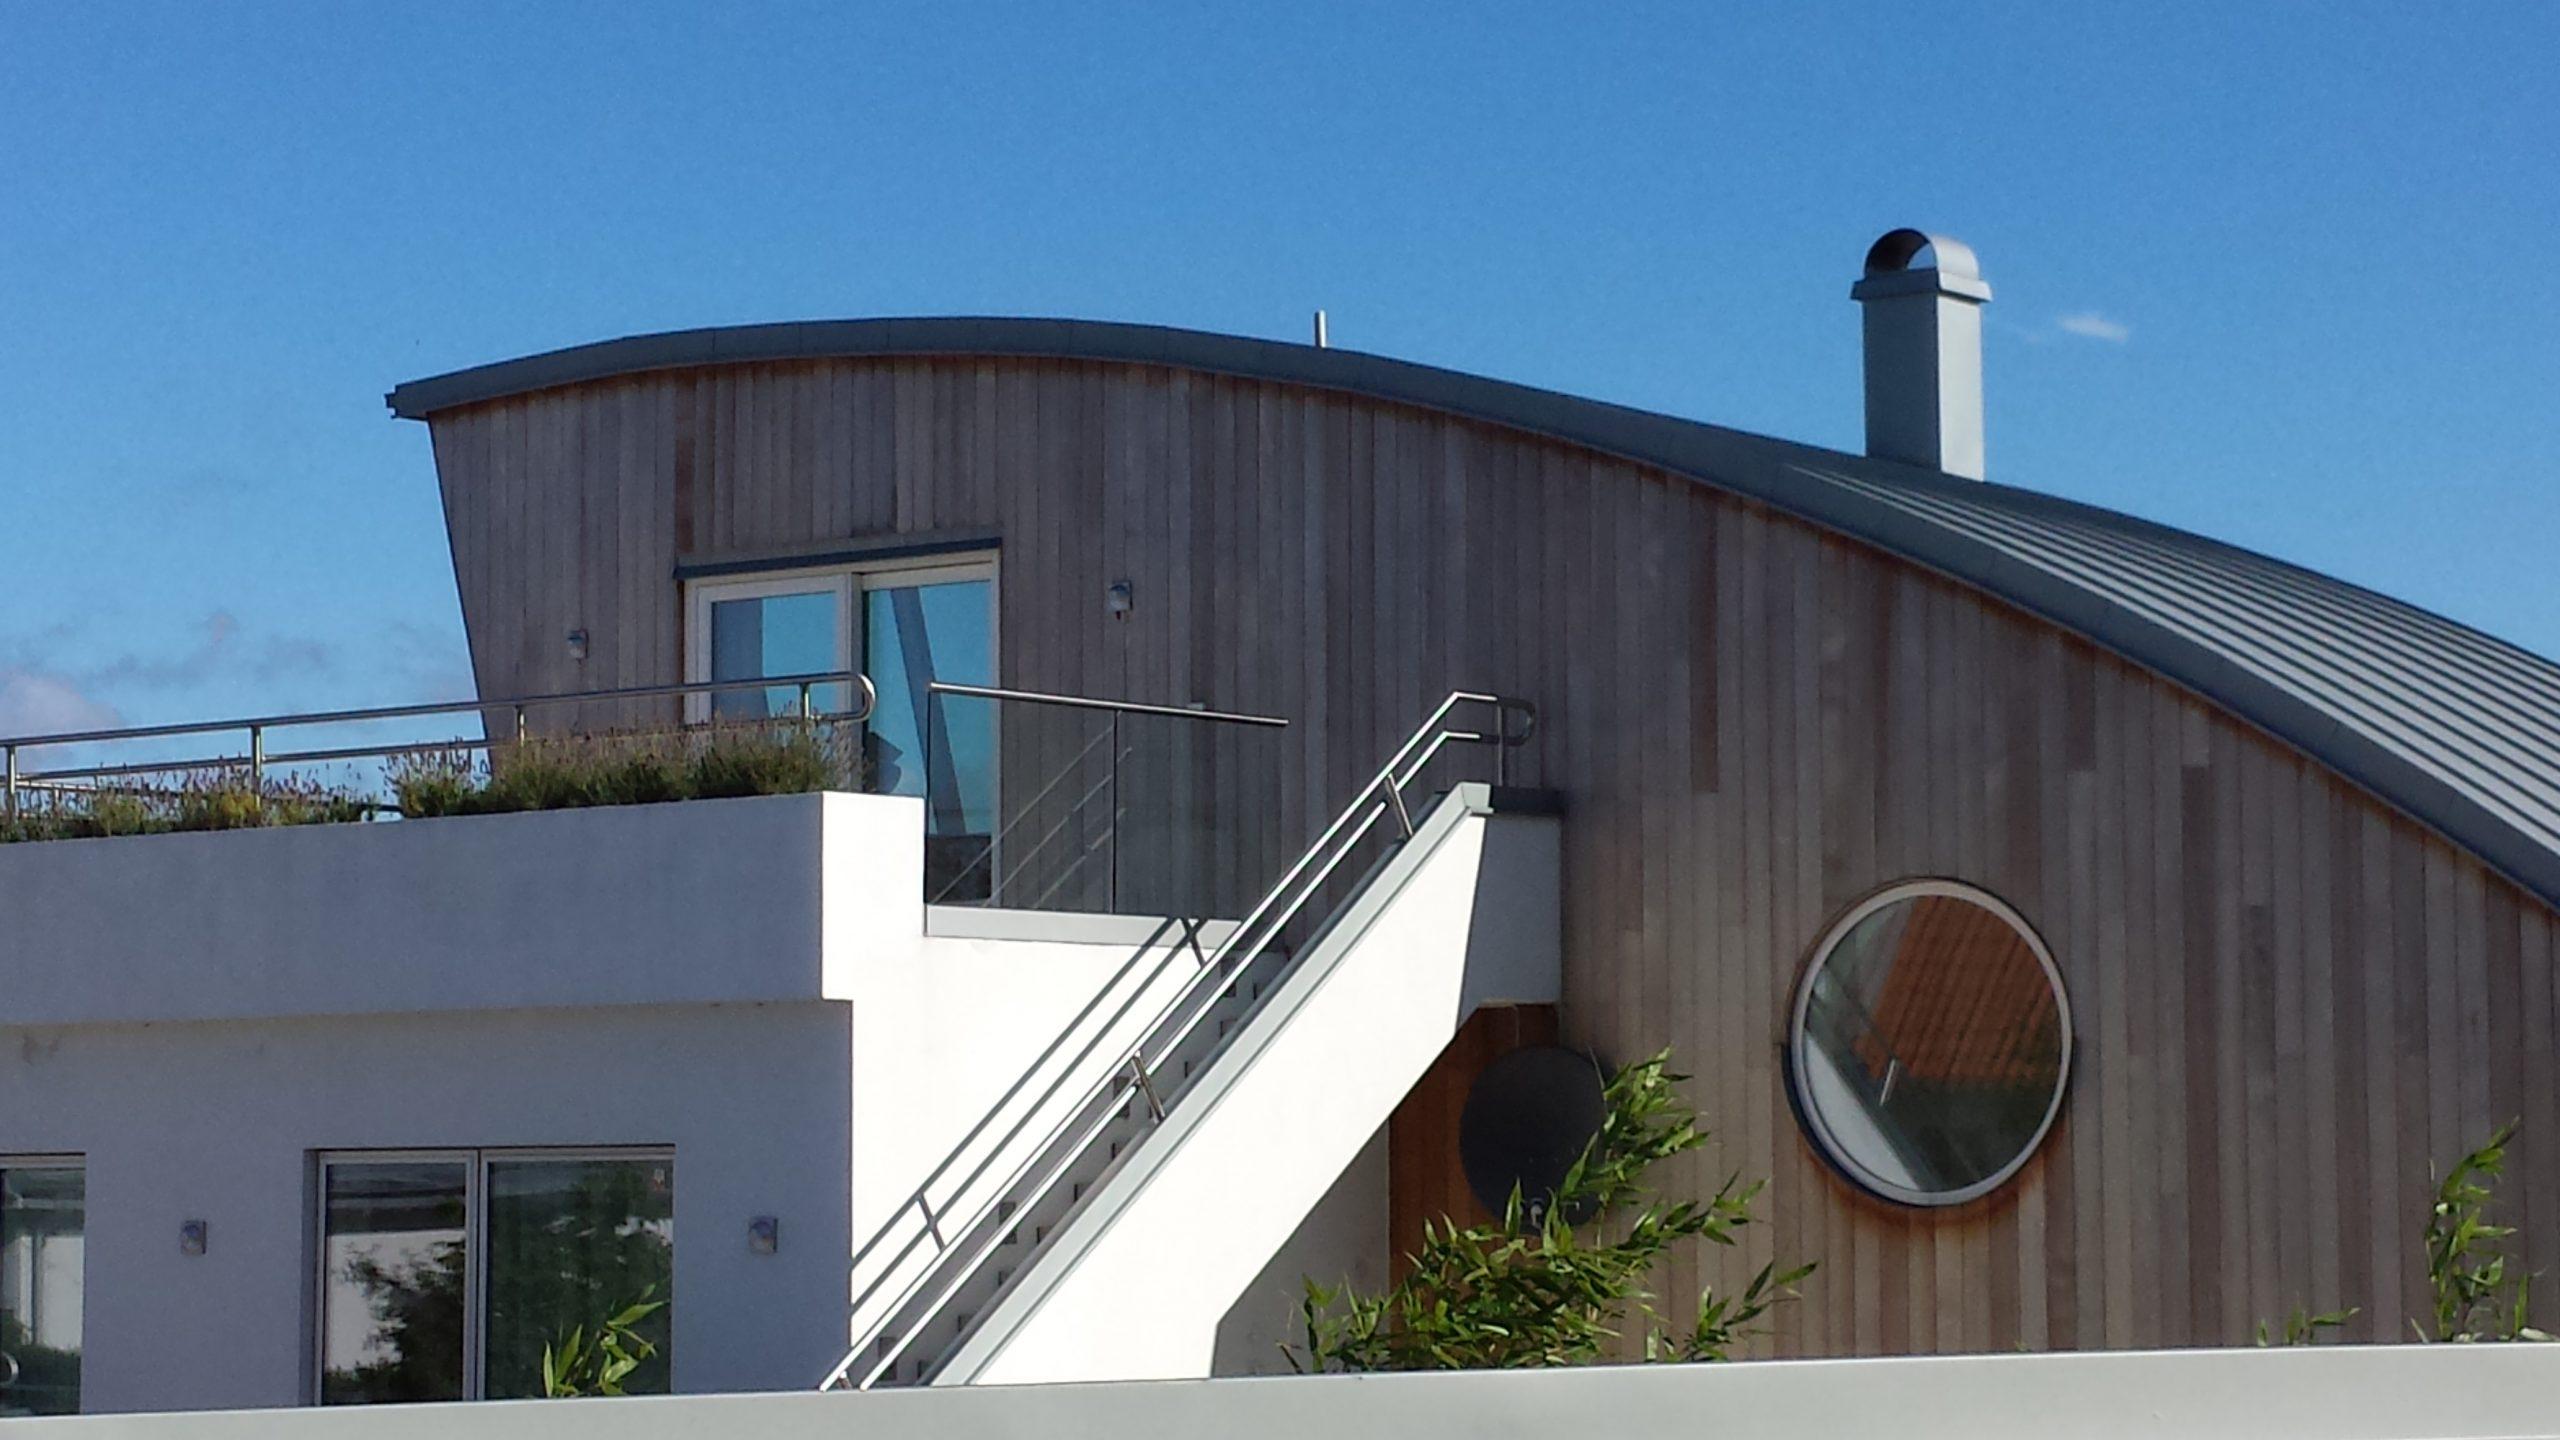 Grånad Cederträ fasad